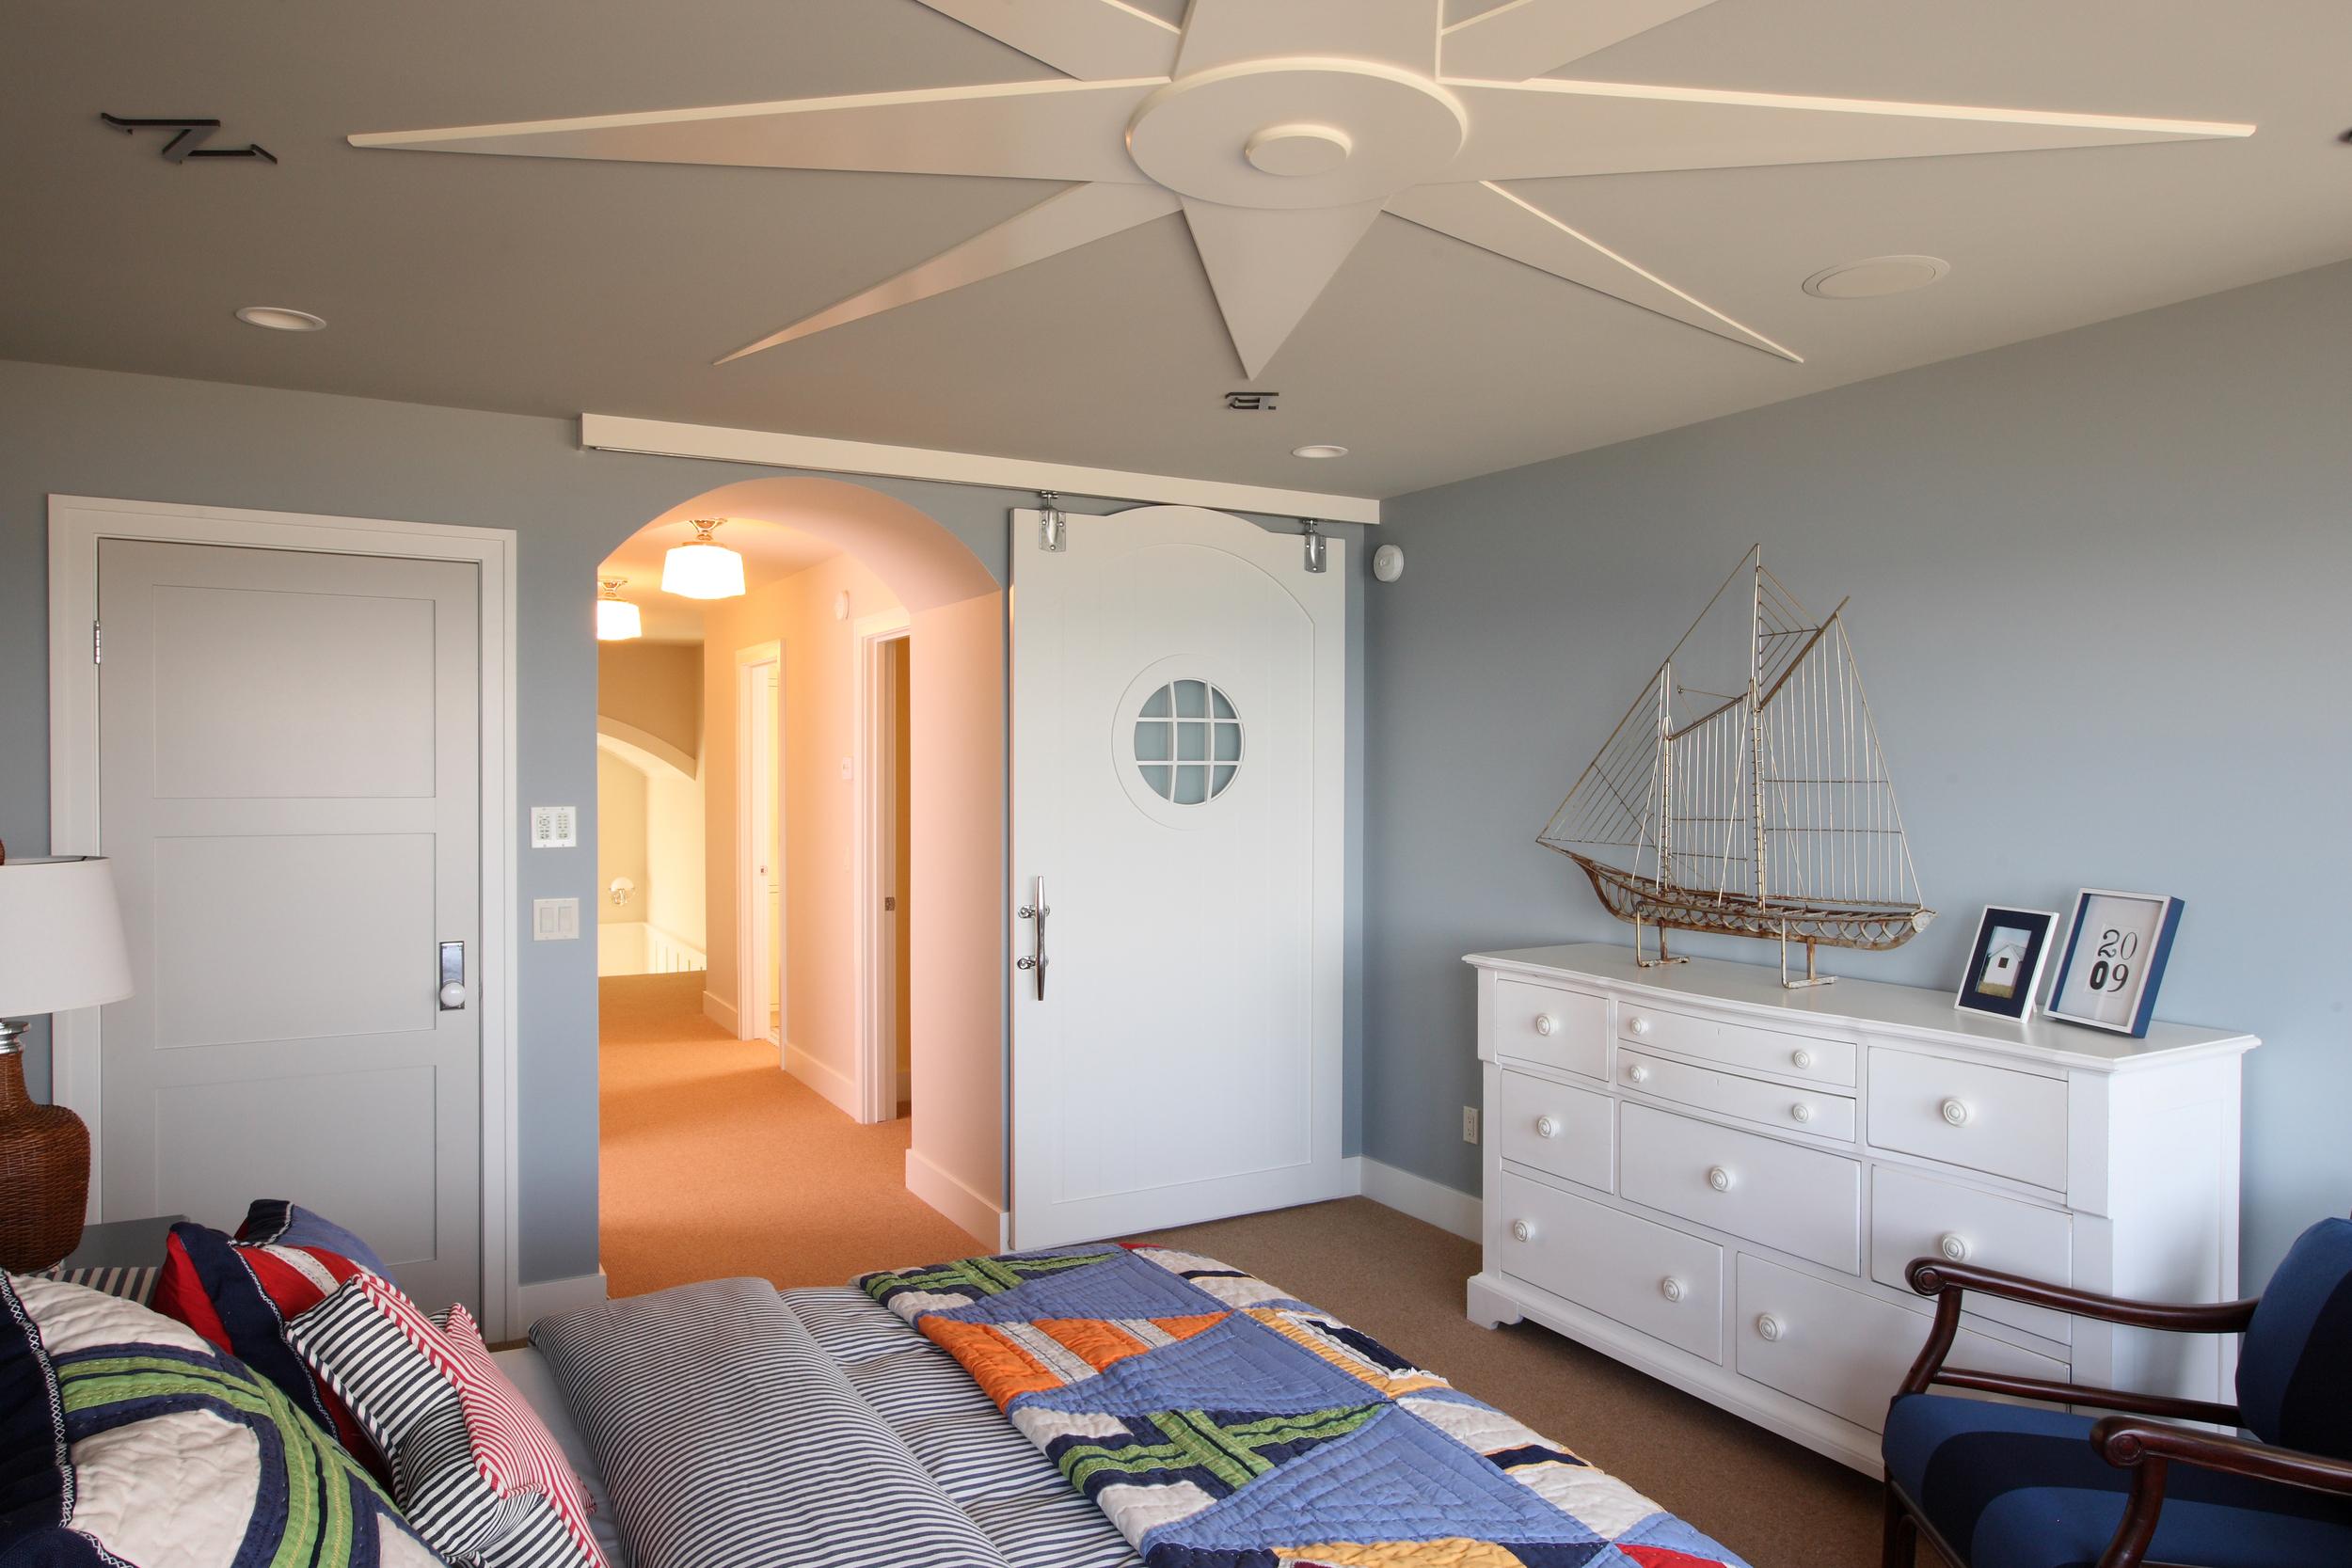 Bedroom_Design Home 1080.jpg